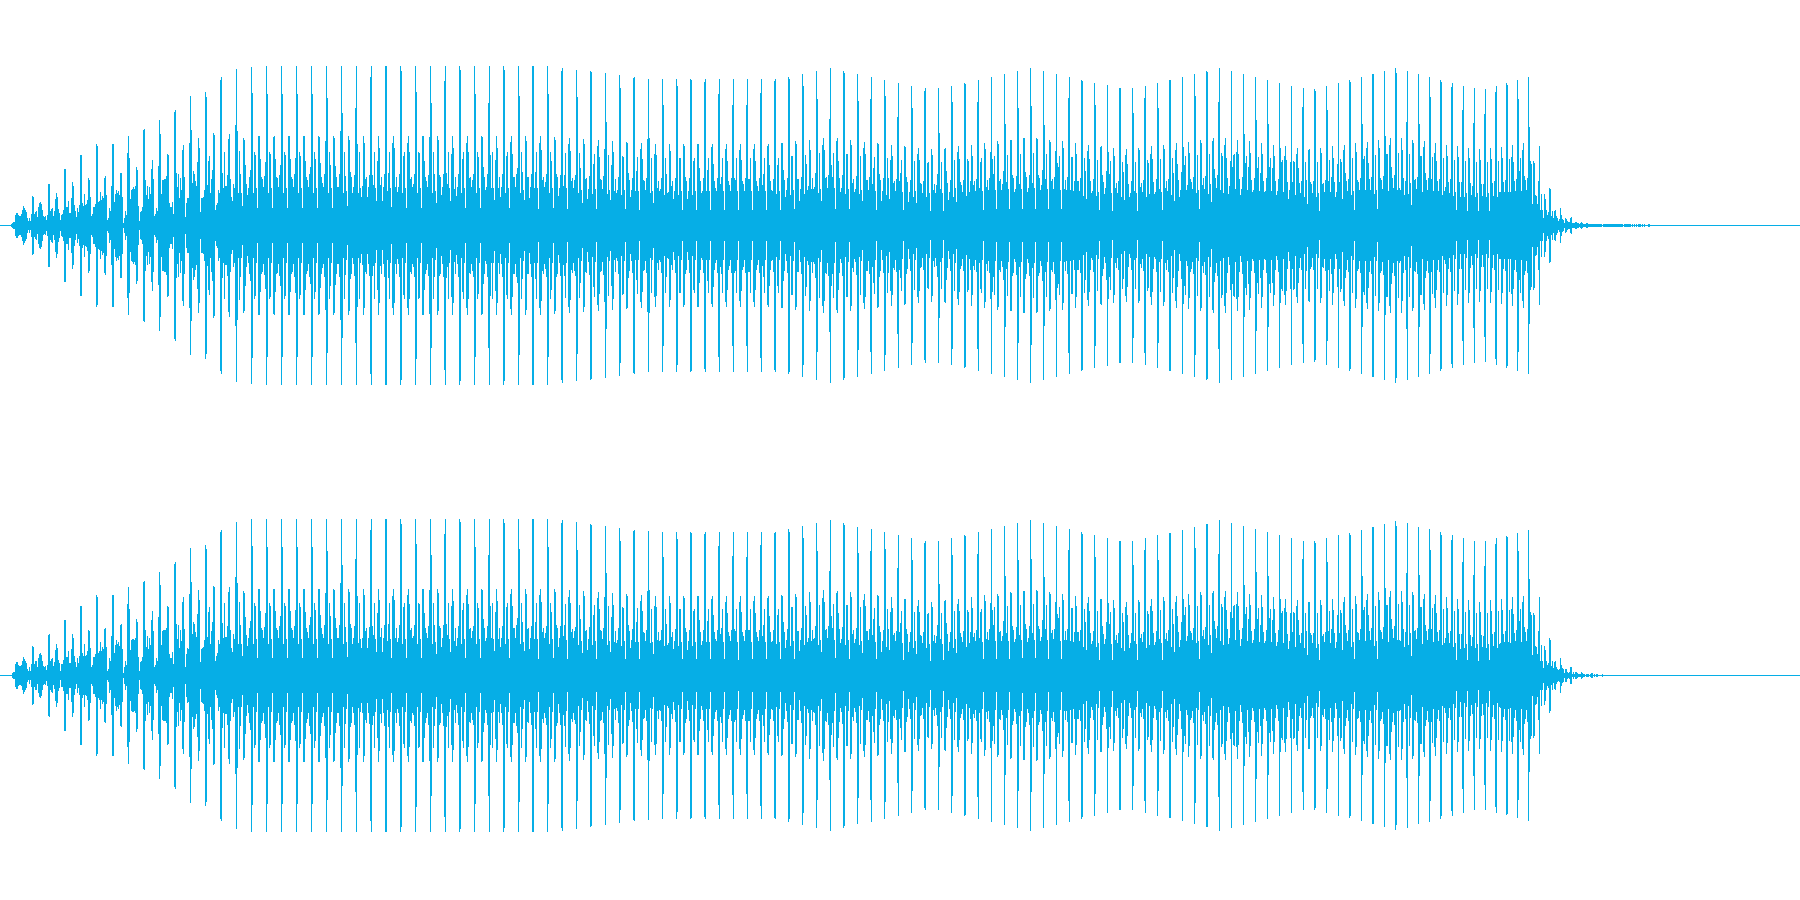 ブーン(単音で徐々に音程が上がる効果音)の再生済みの波形